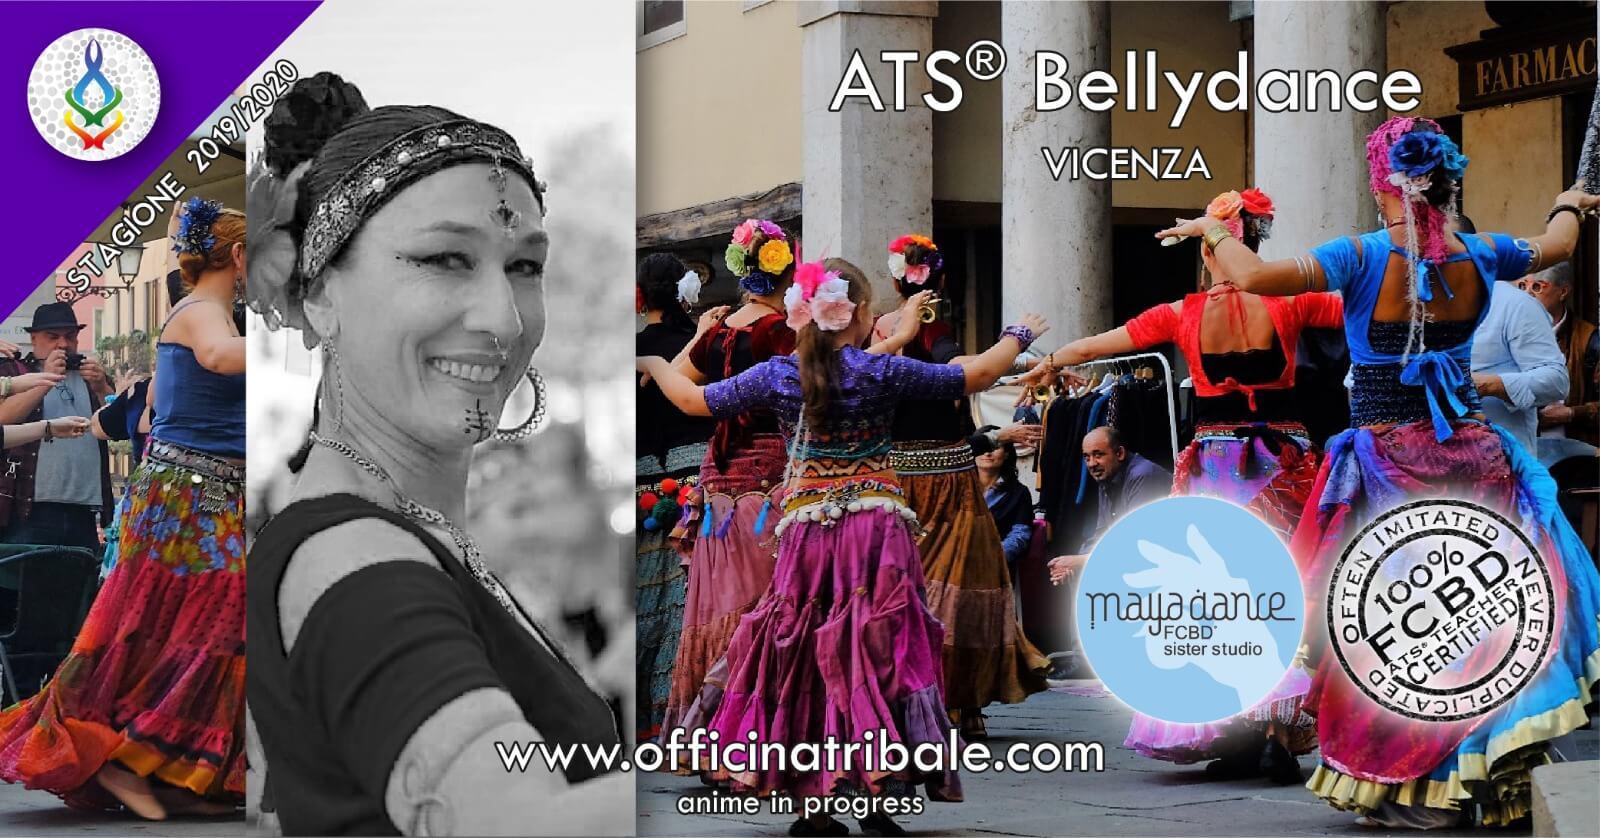 ATS Bellydance nuovo corso da febbraio a Vicenza